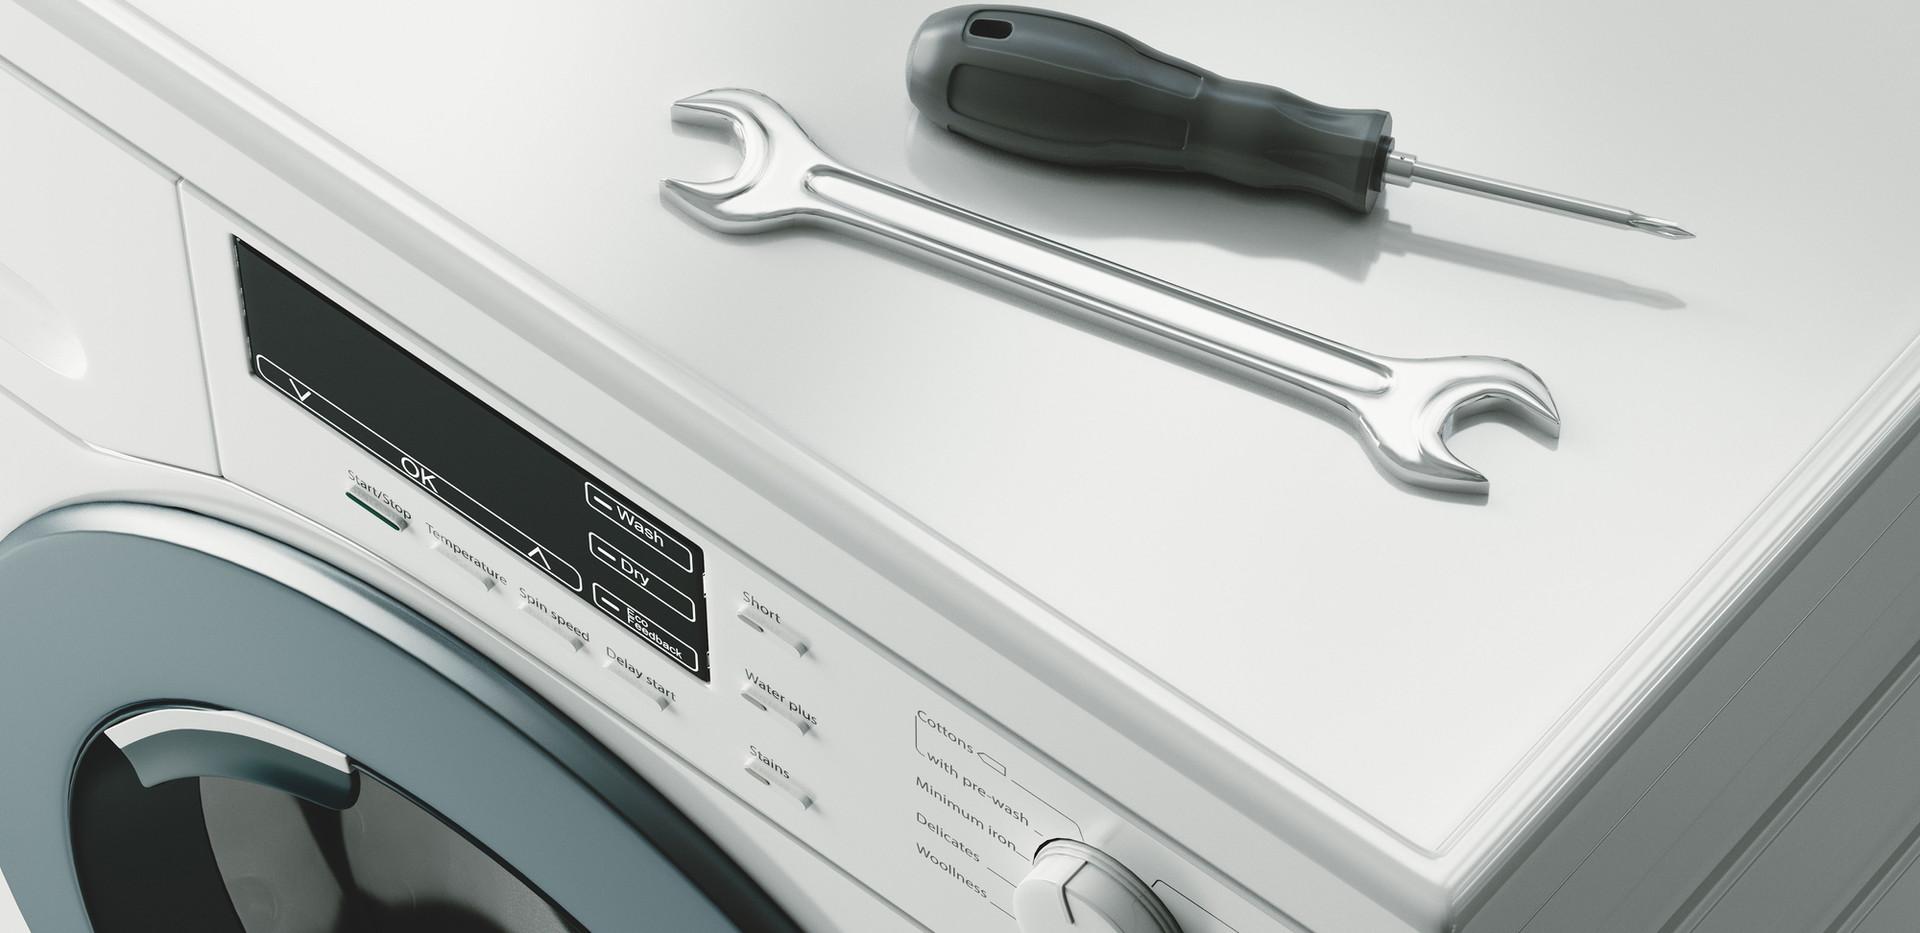 Manutenção da máquina de lavar